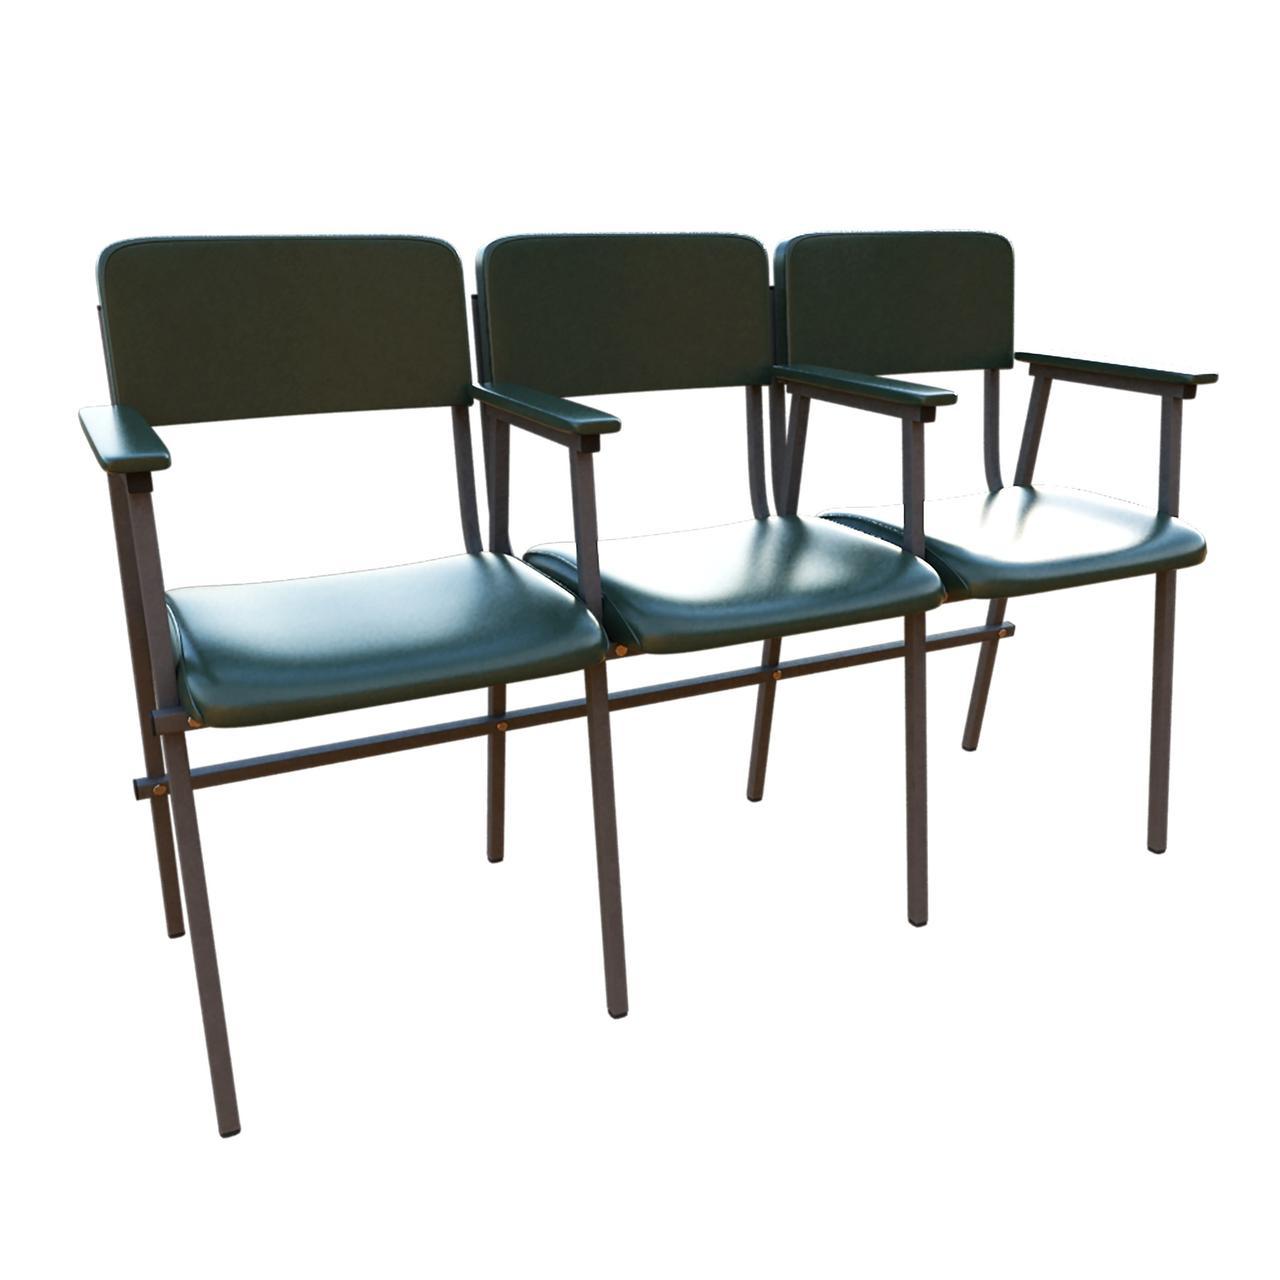 Стулья секционные для актовых залов и зон ожидания ТРИО АЛИСА с подлокотниками